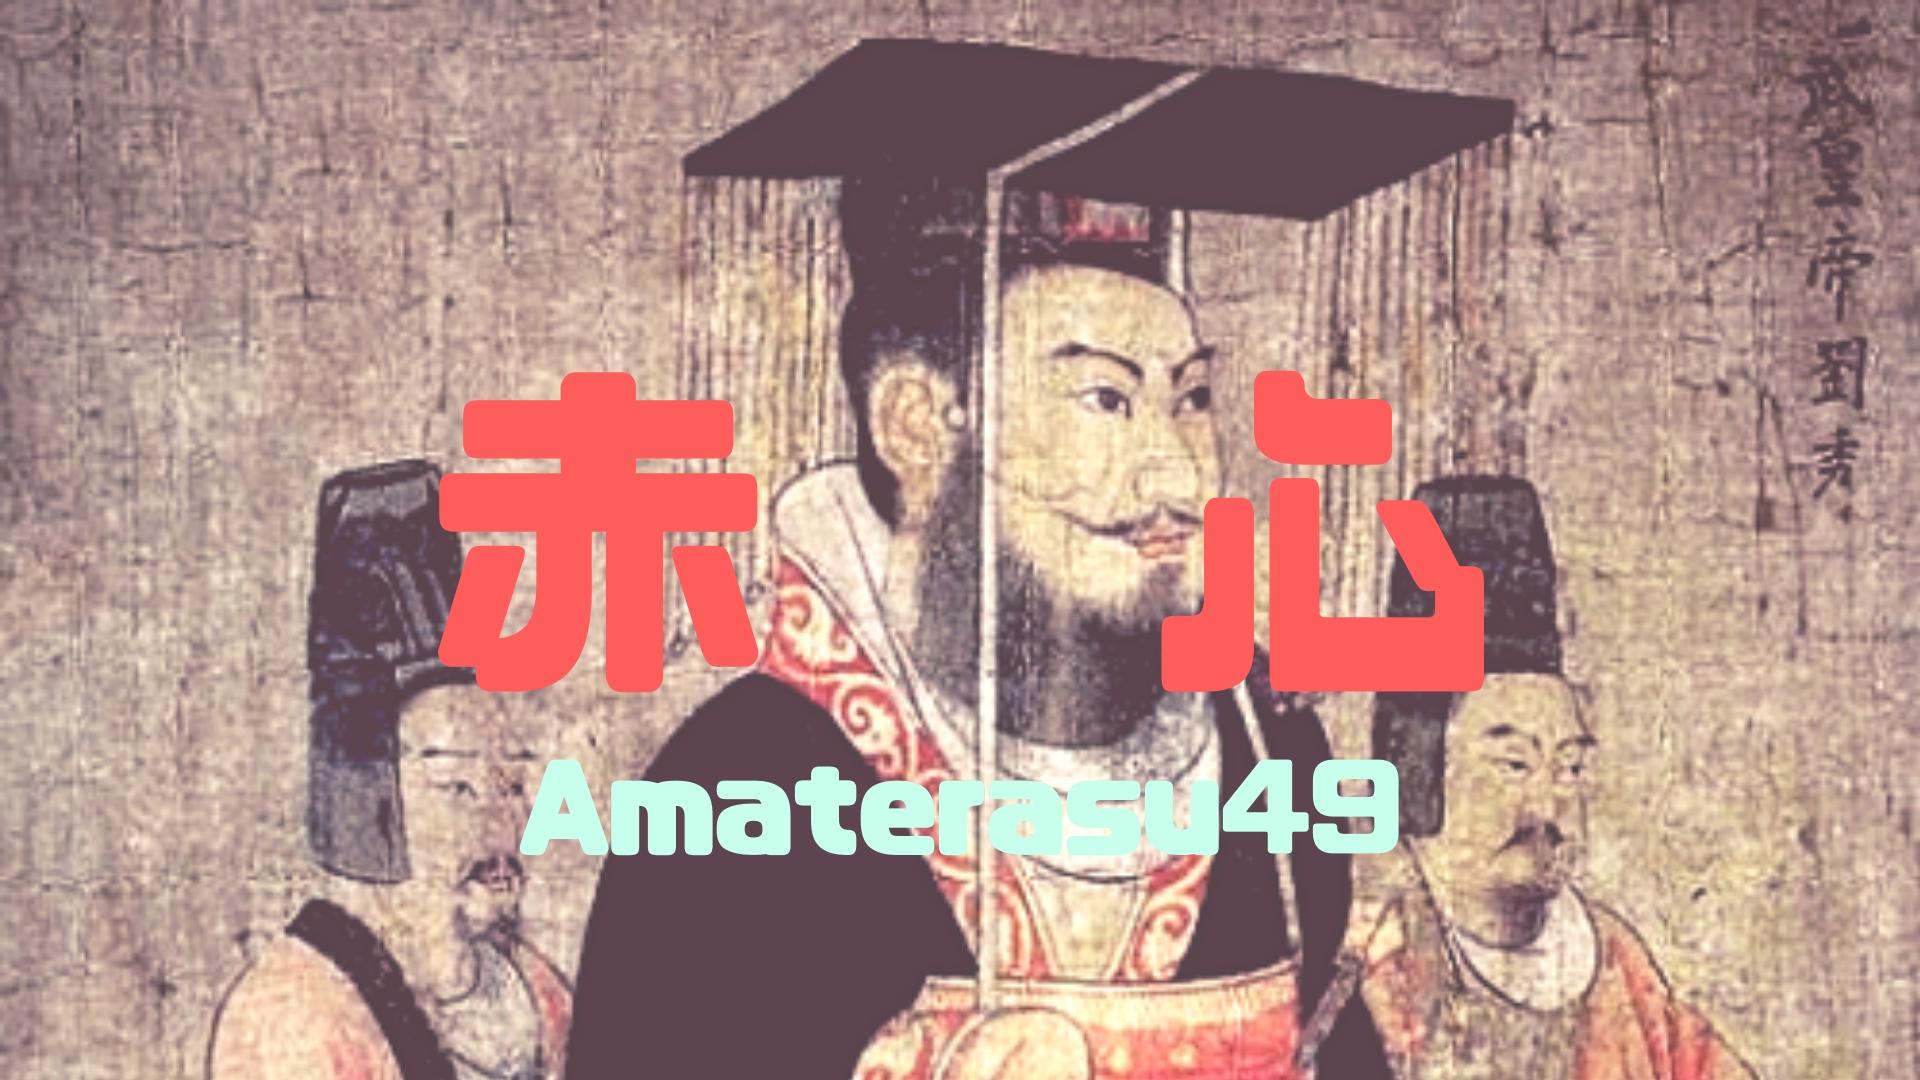 赤心とは?後漢書に由来する故事成語の意味や読み方を知ろう